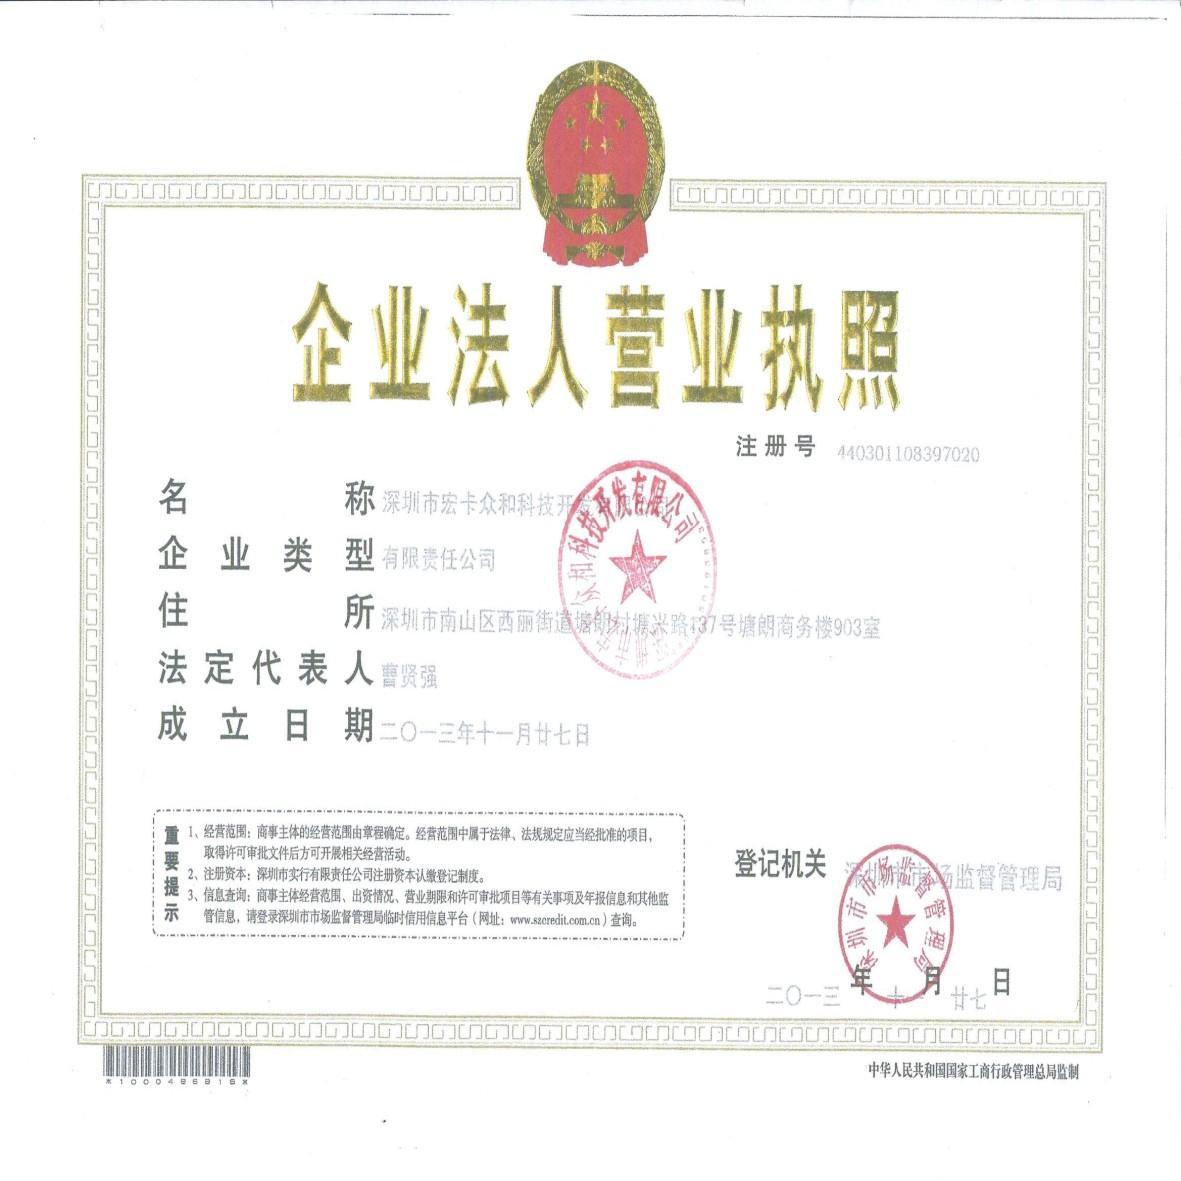 深圳市宏卡众和科技开发有限公司